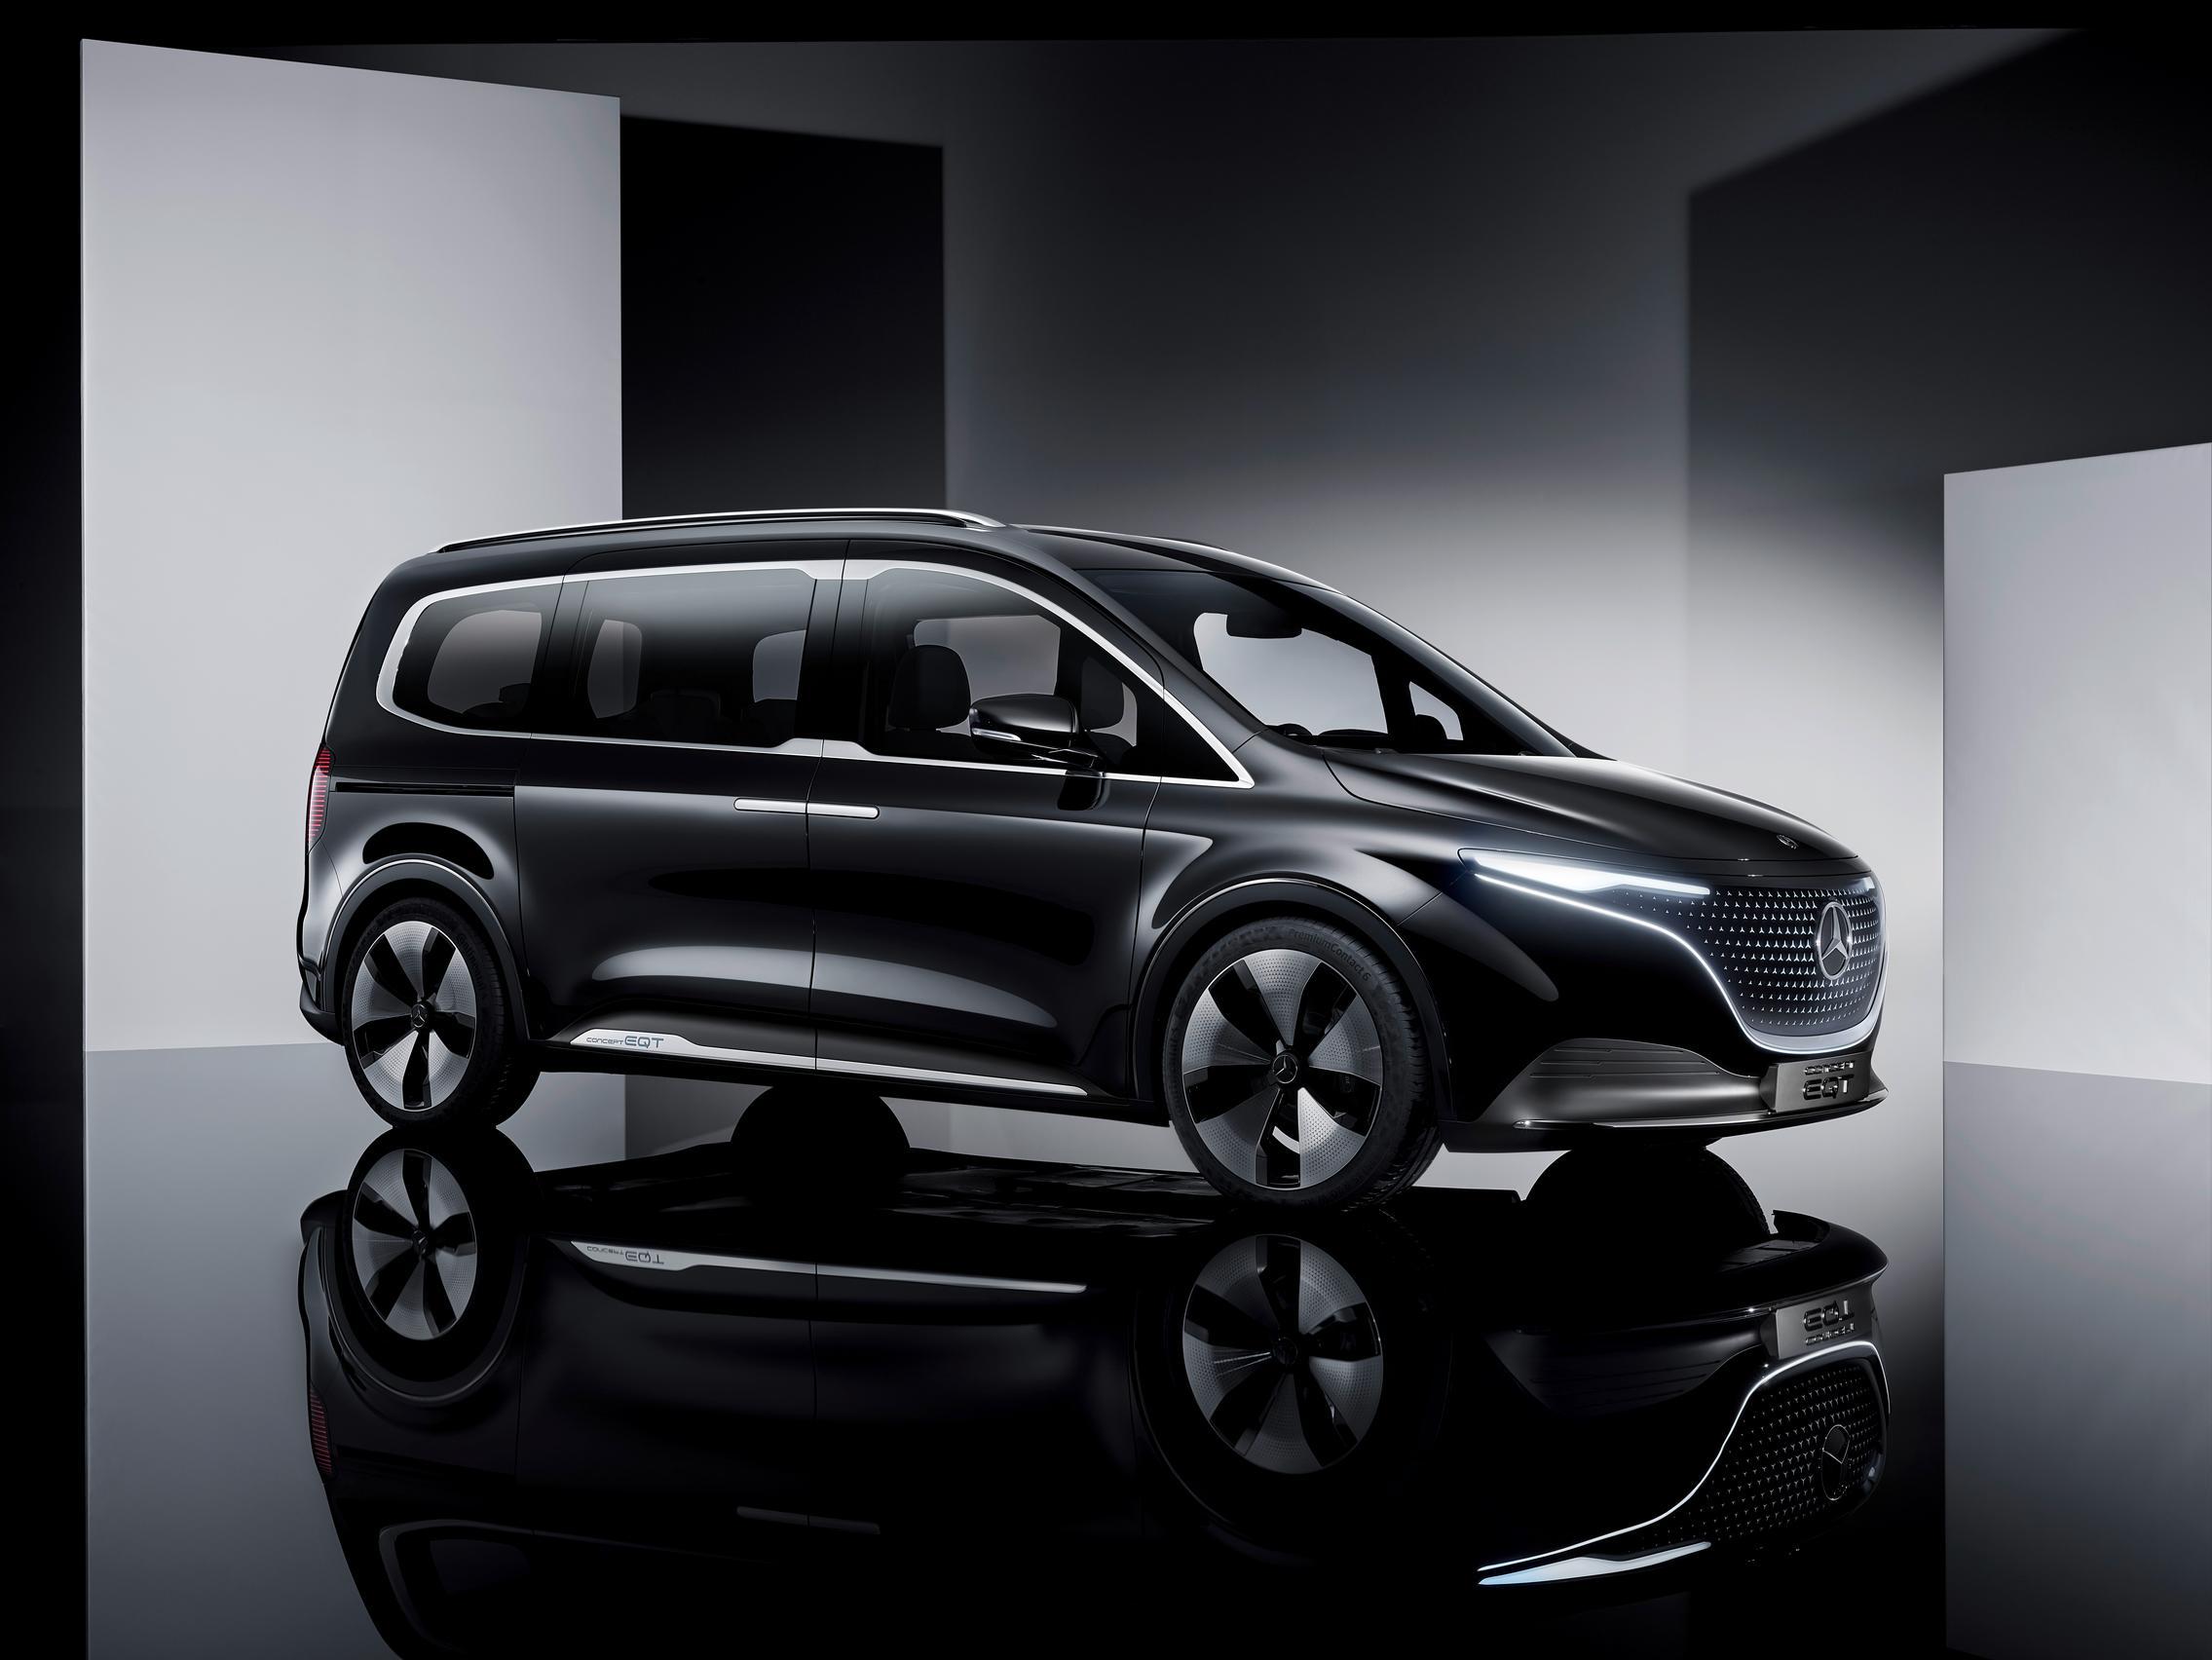 2022 Mercedes-Benz EQT side